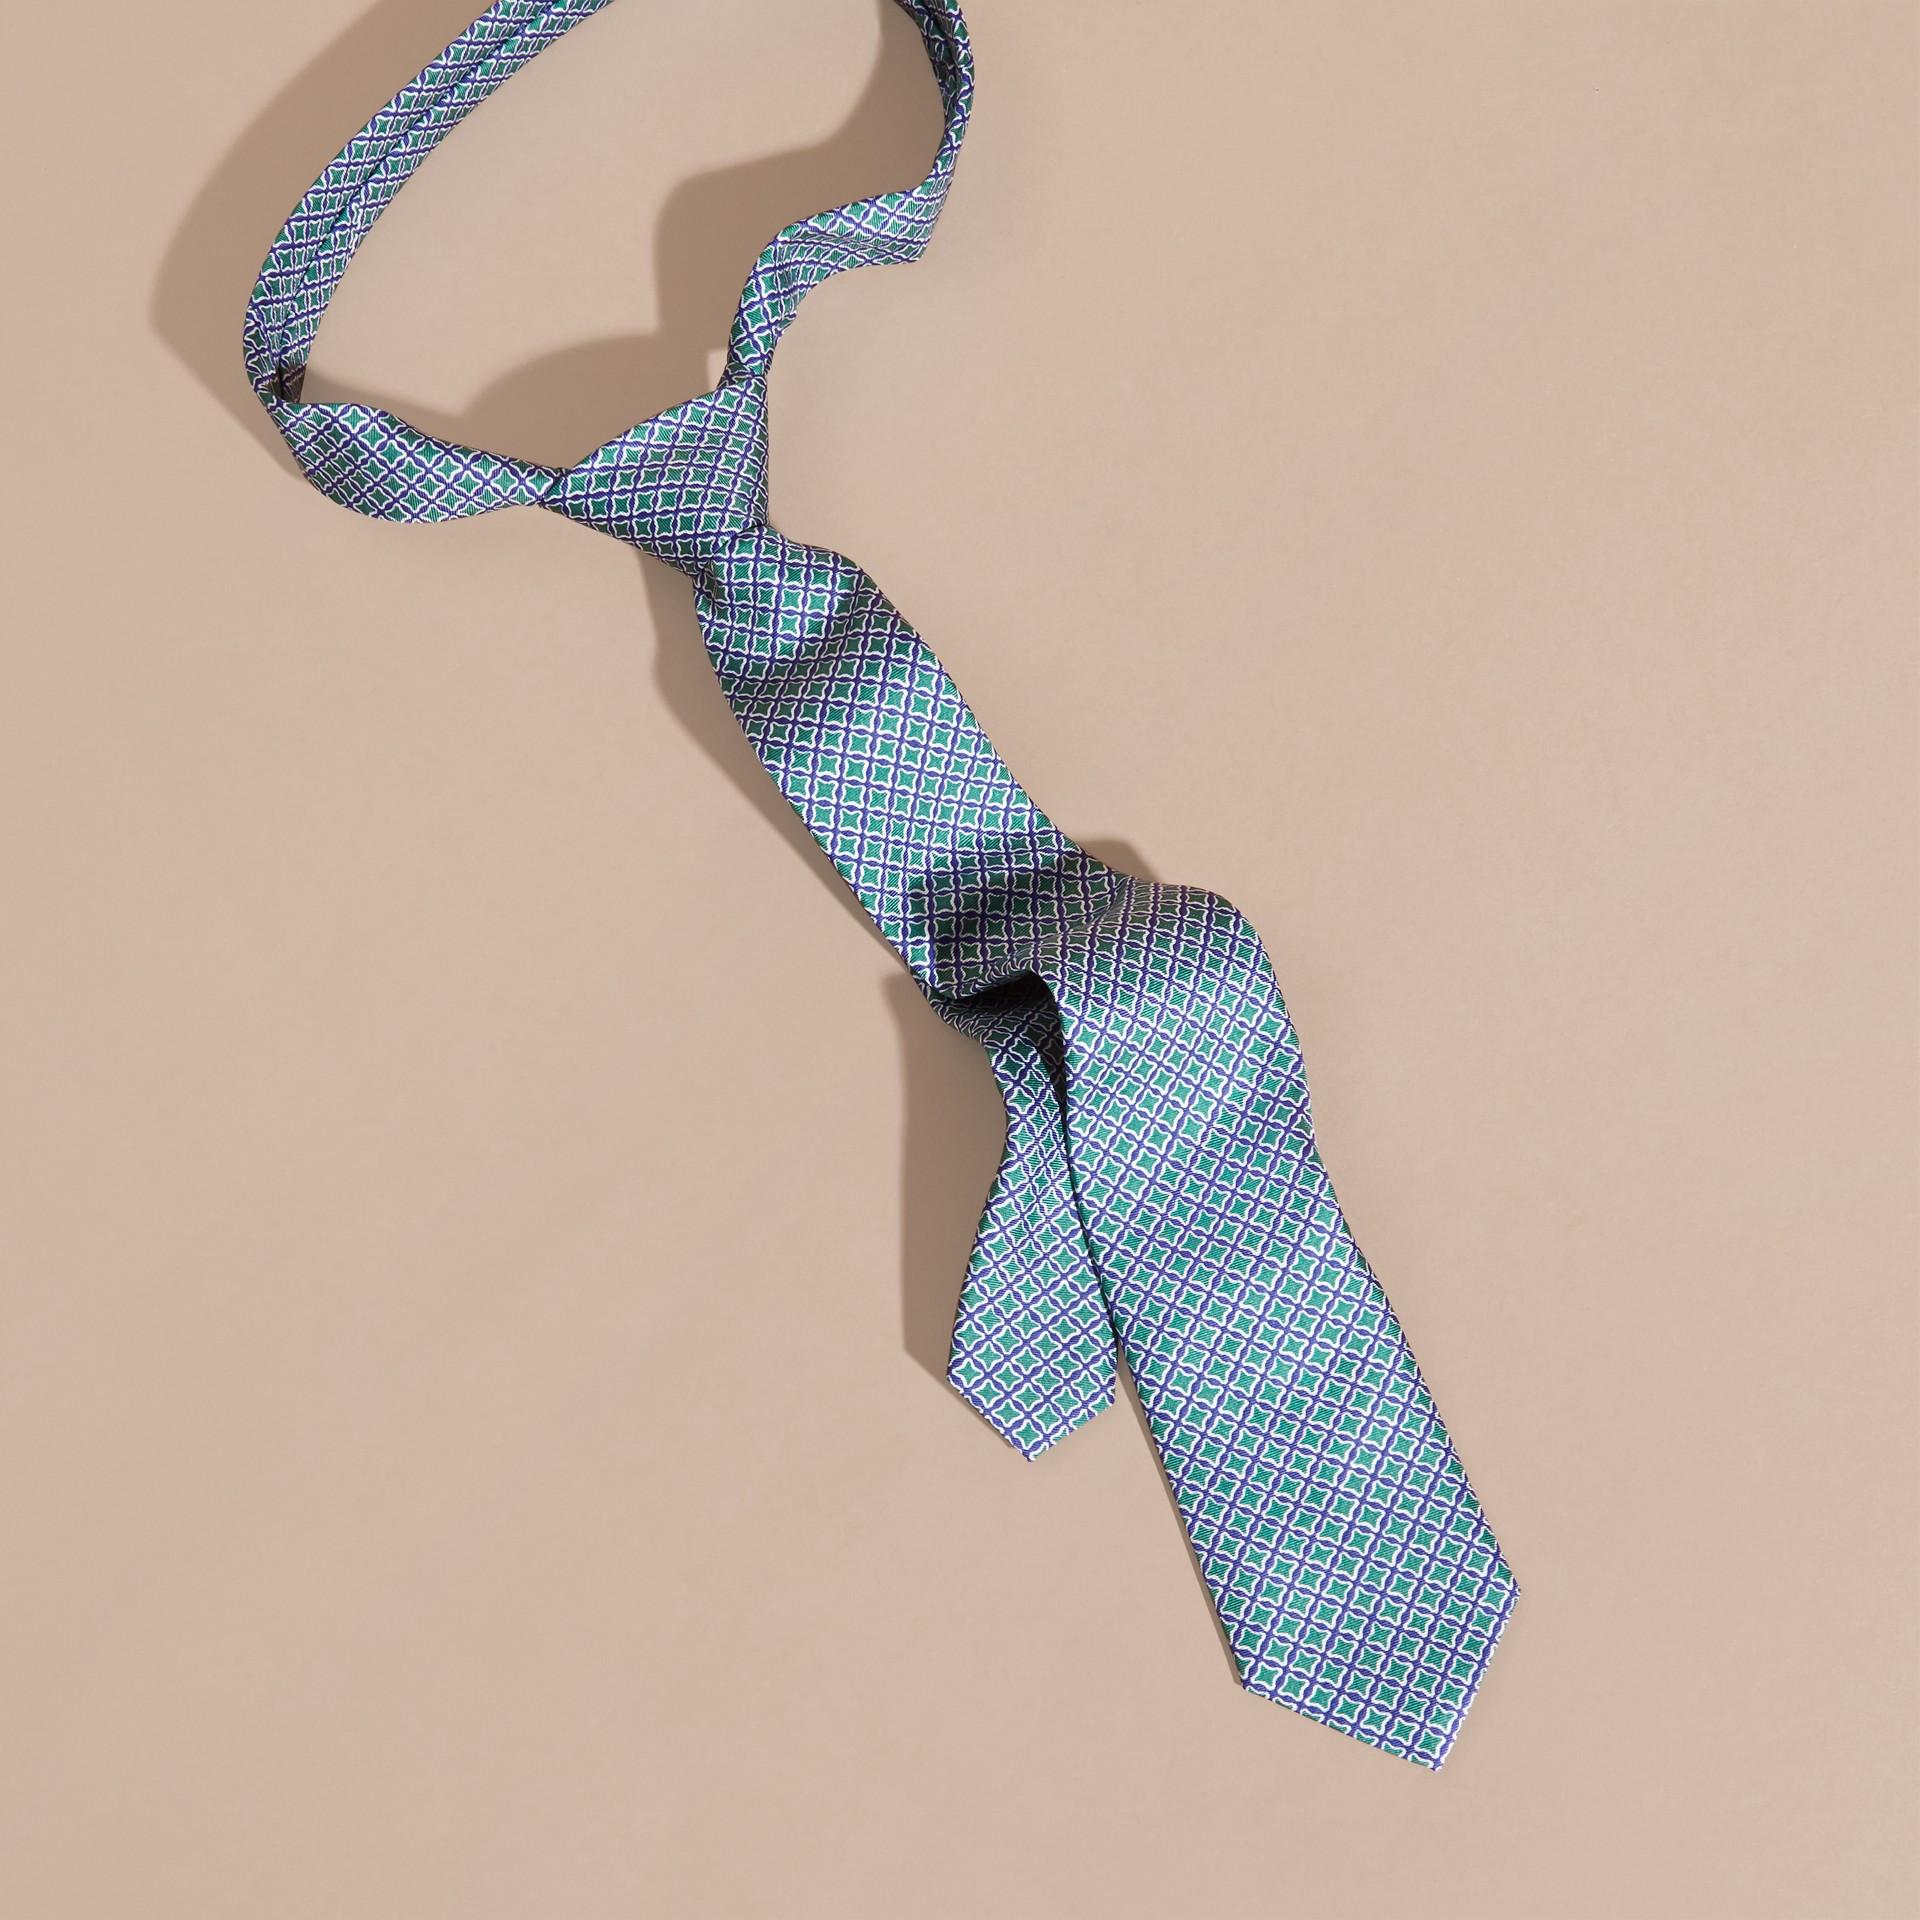 Viridian green Gravata de seda com estampa geométrica e corte slim - galeria de imagens 1